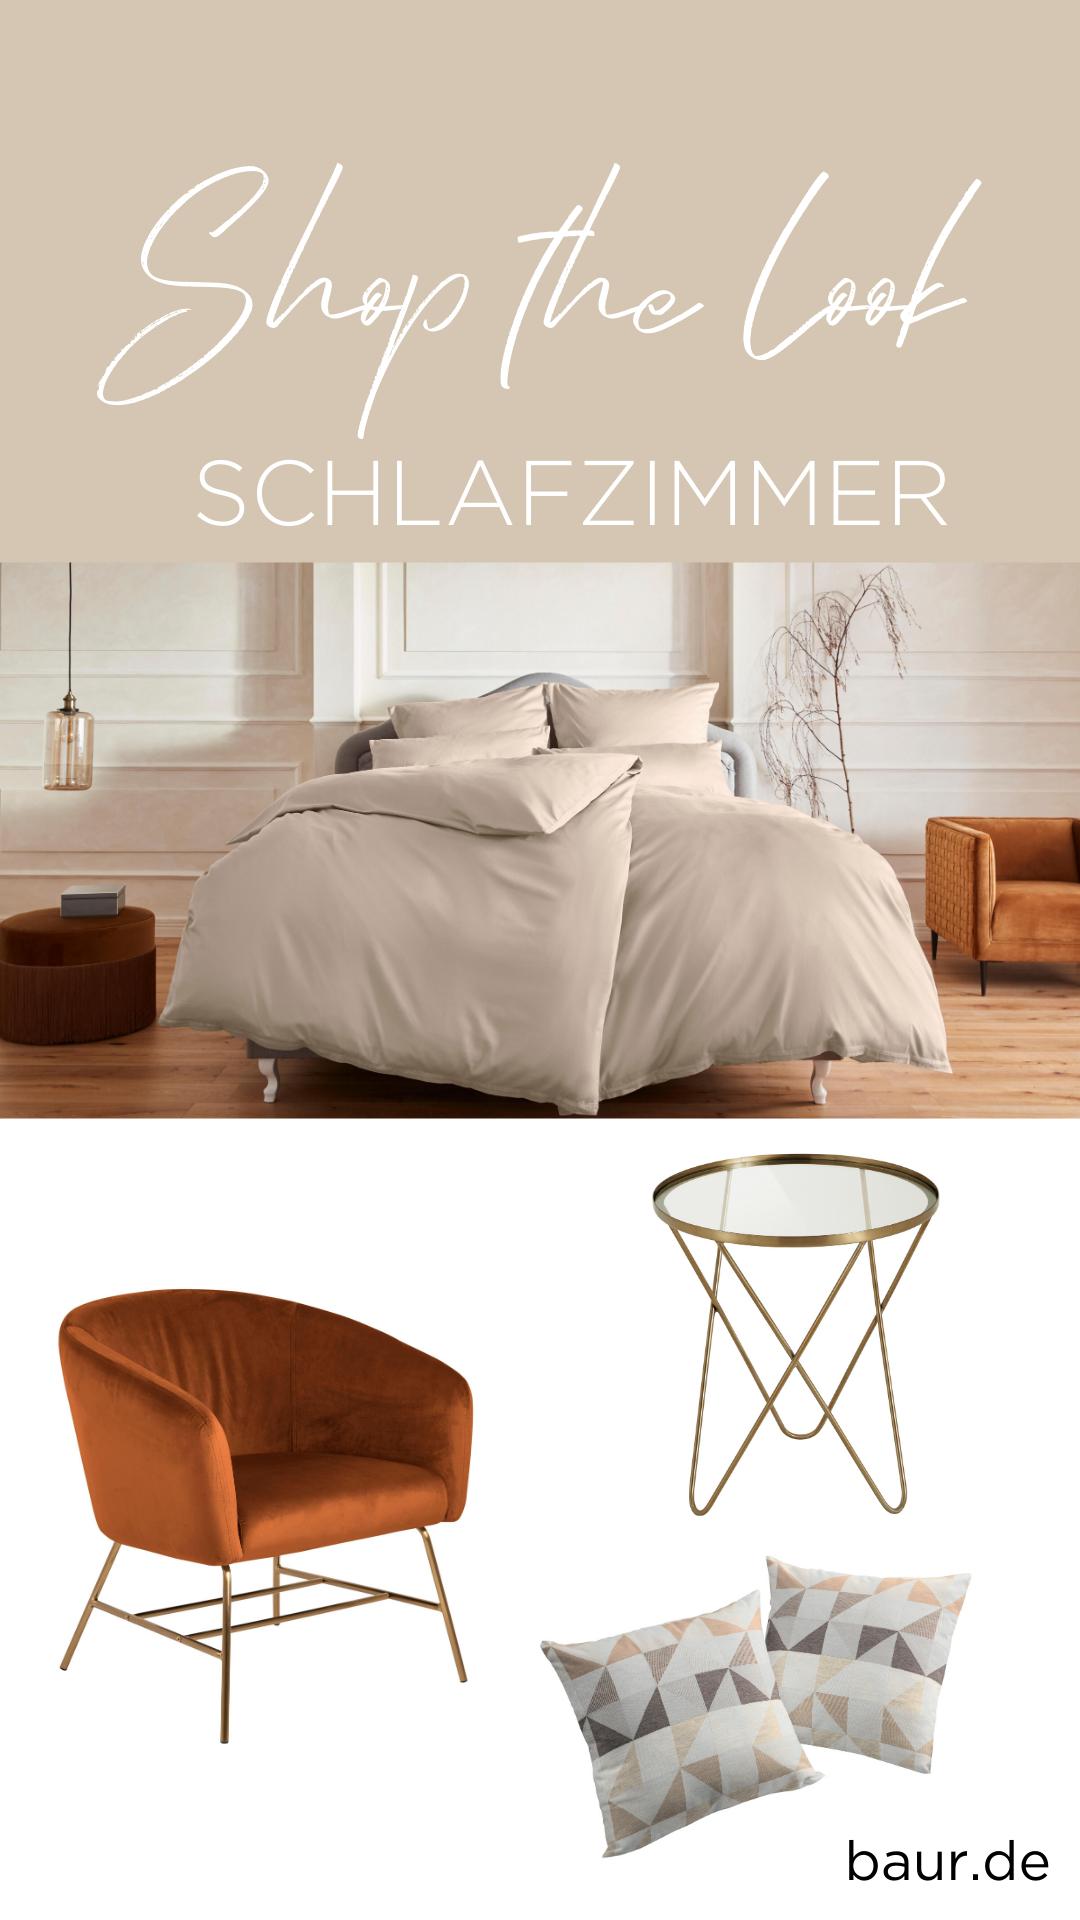 Schlafzimmer Ideen von baur.de – Entdecke tolle Einrichtungsideen